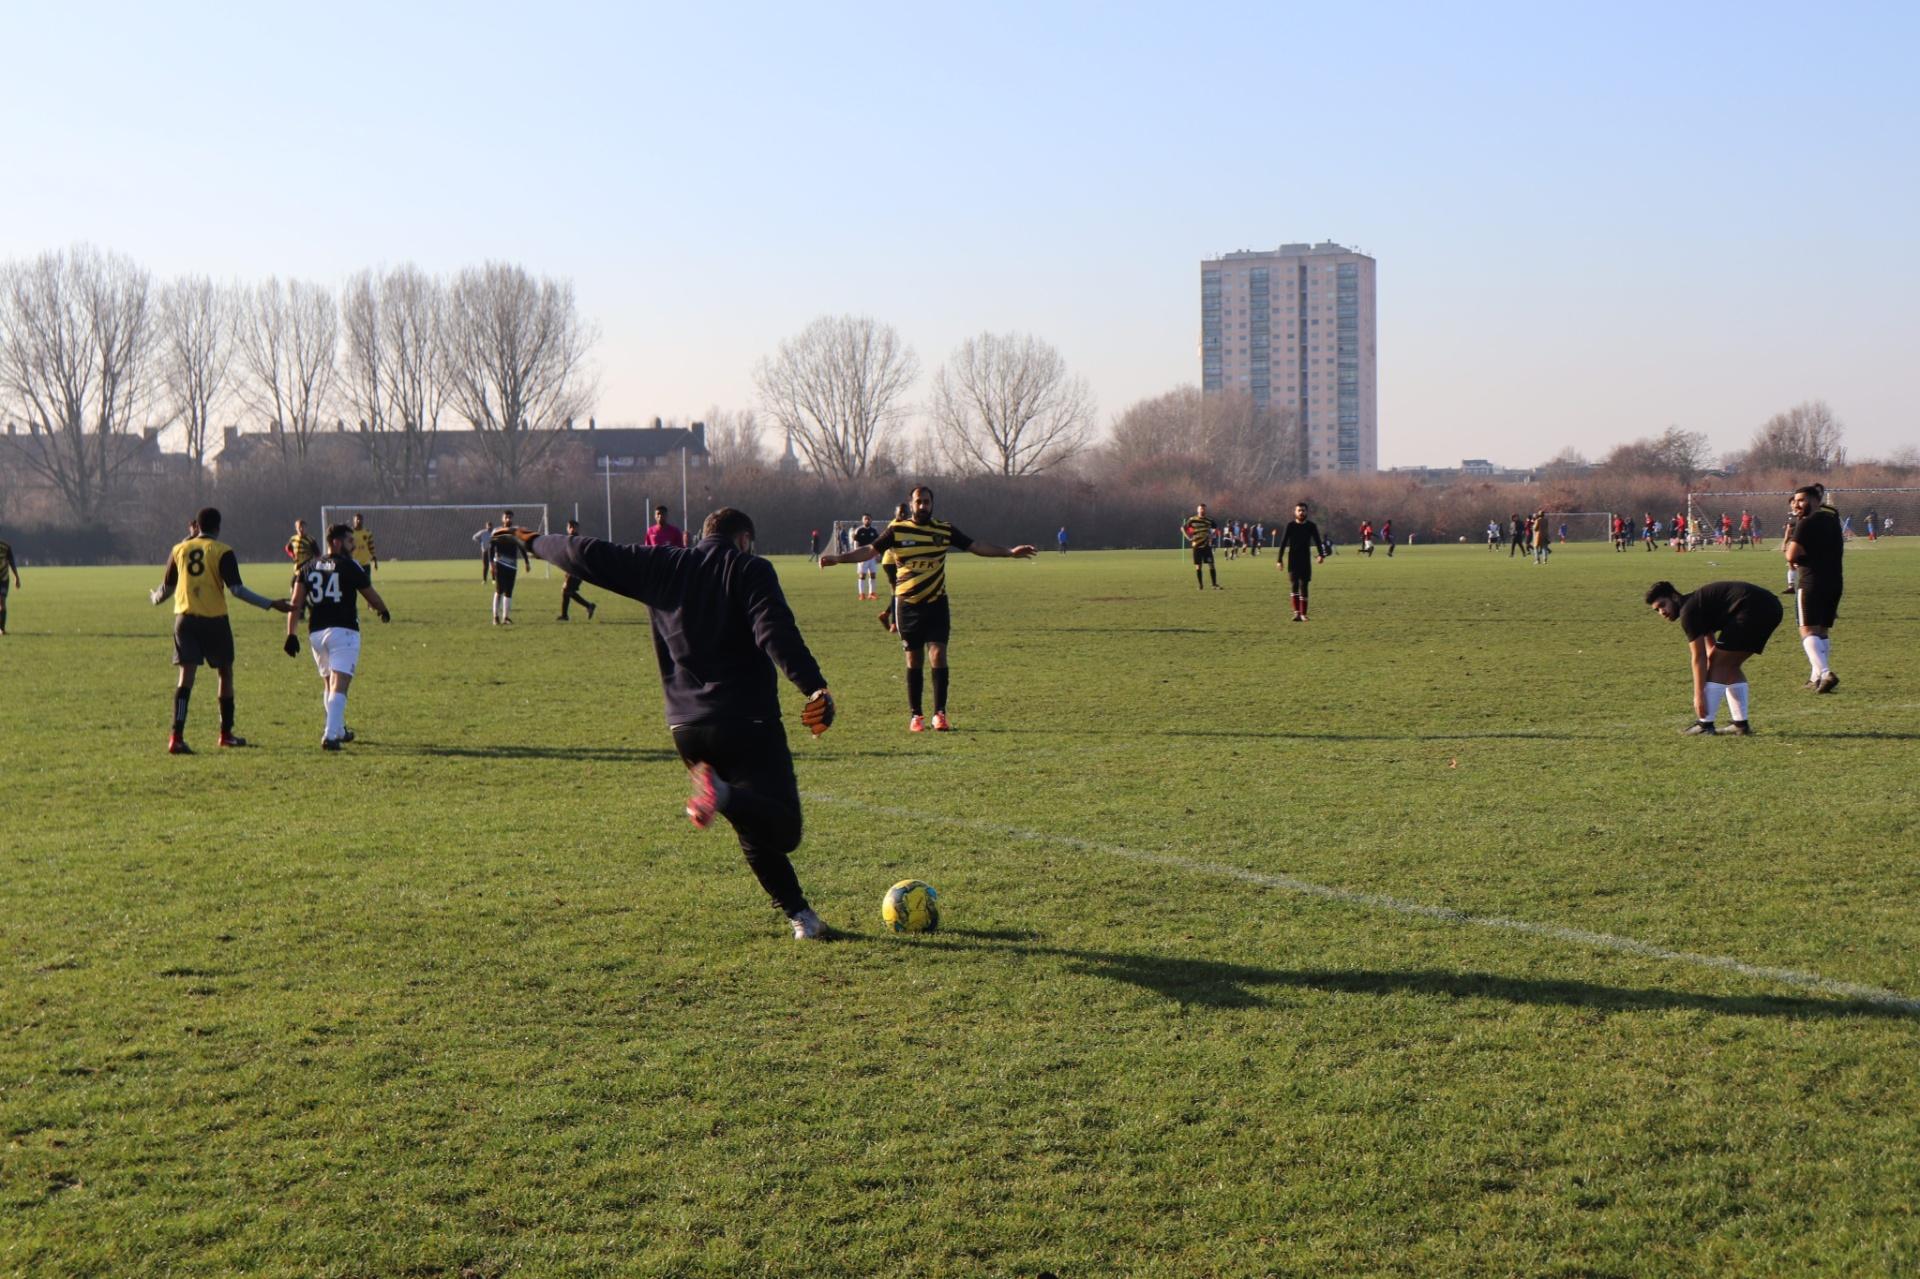 16f2f82c64 Conheça local de futebol raiz em Londres por onde passaram Beckham e Terry  - Esporte - BOL